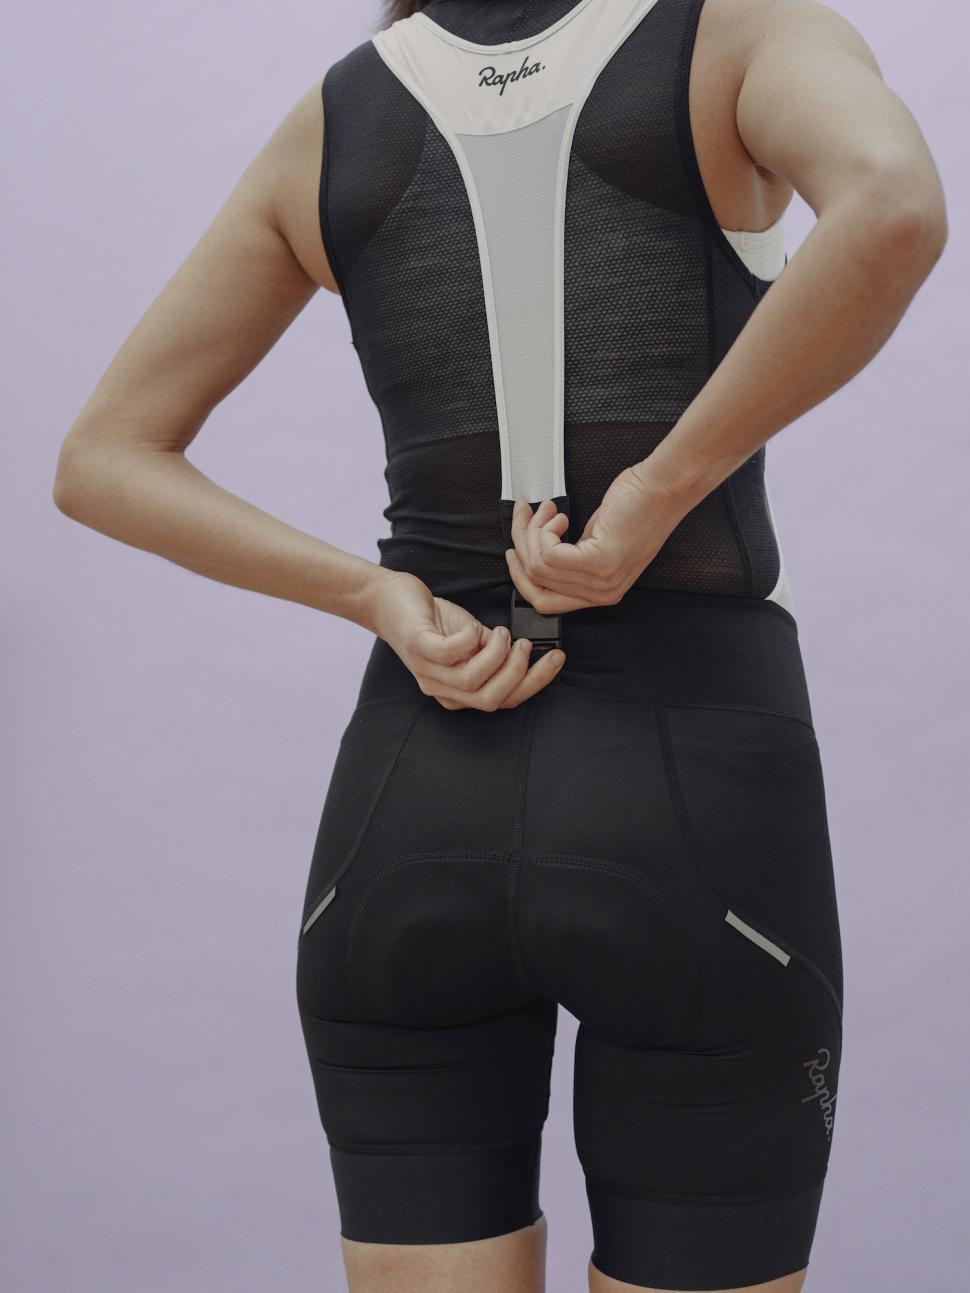 rapha women bib shorts6